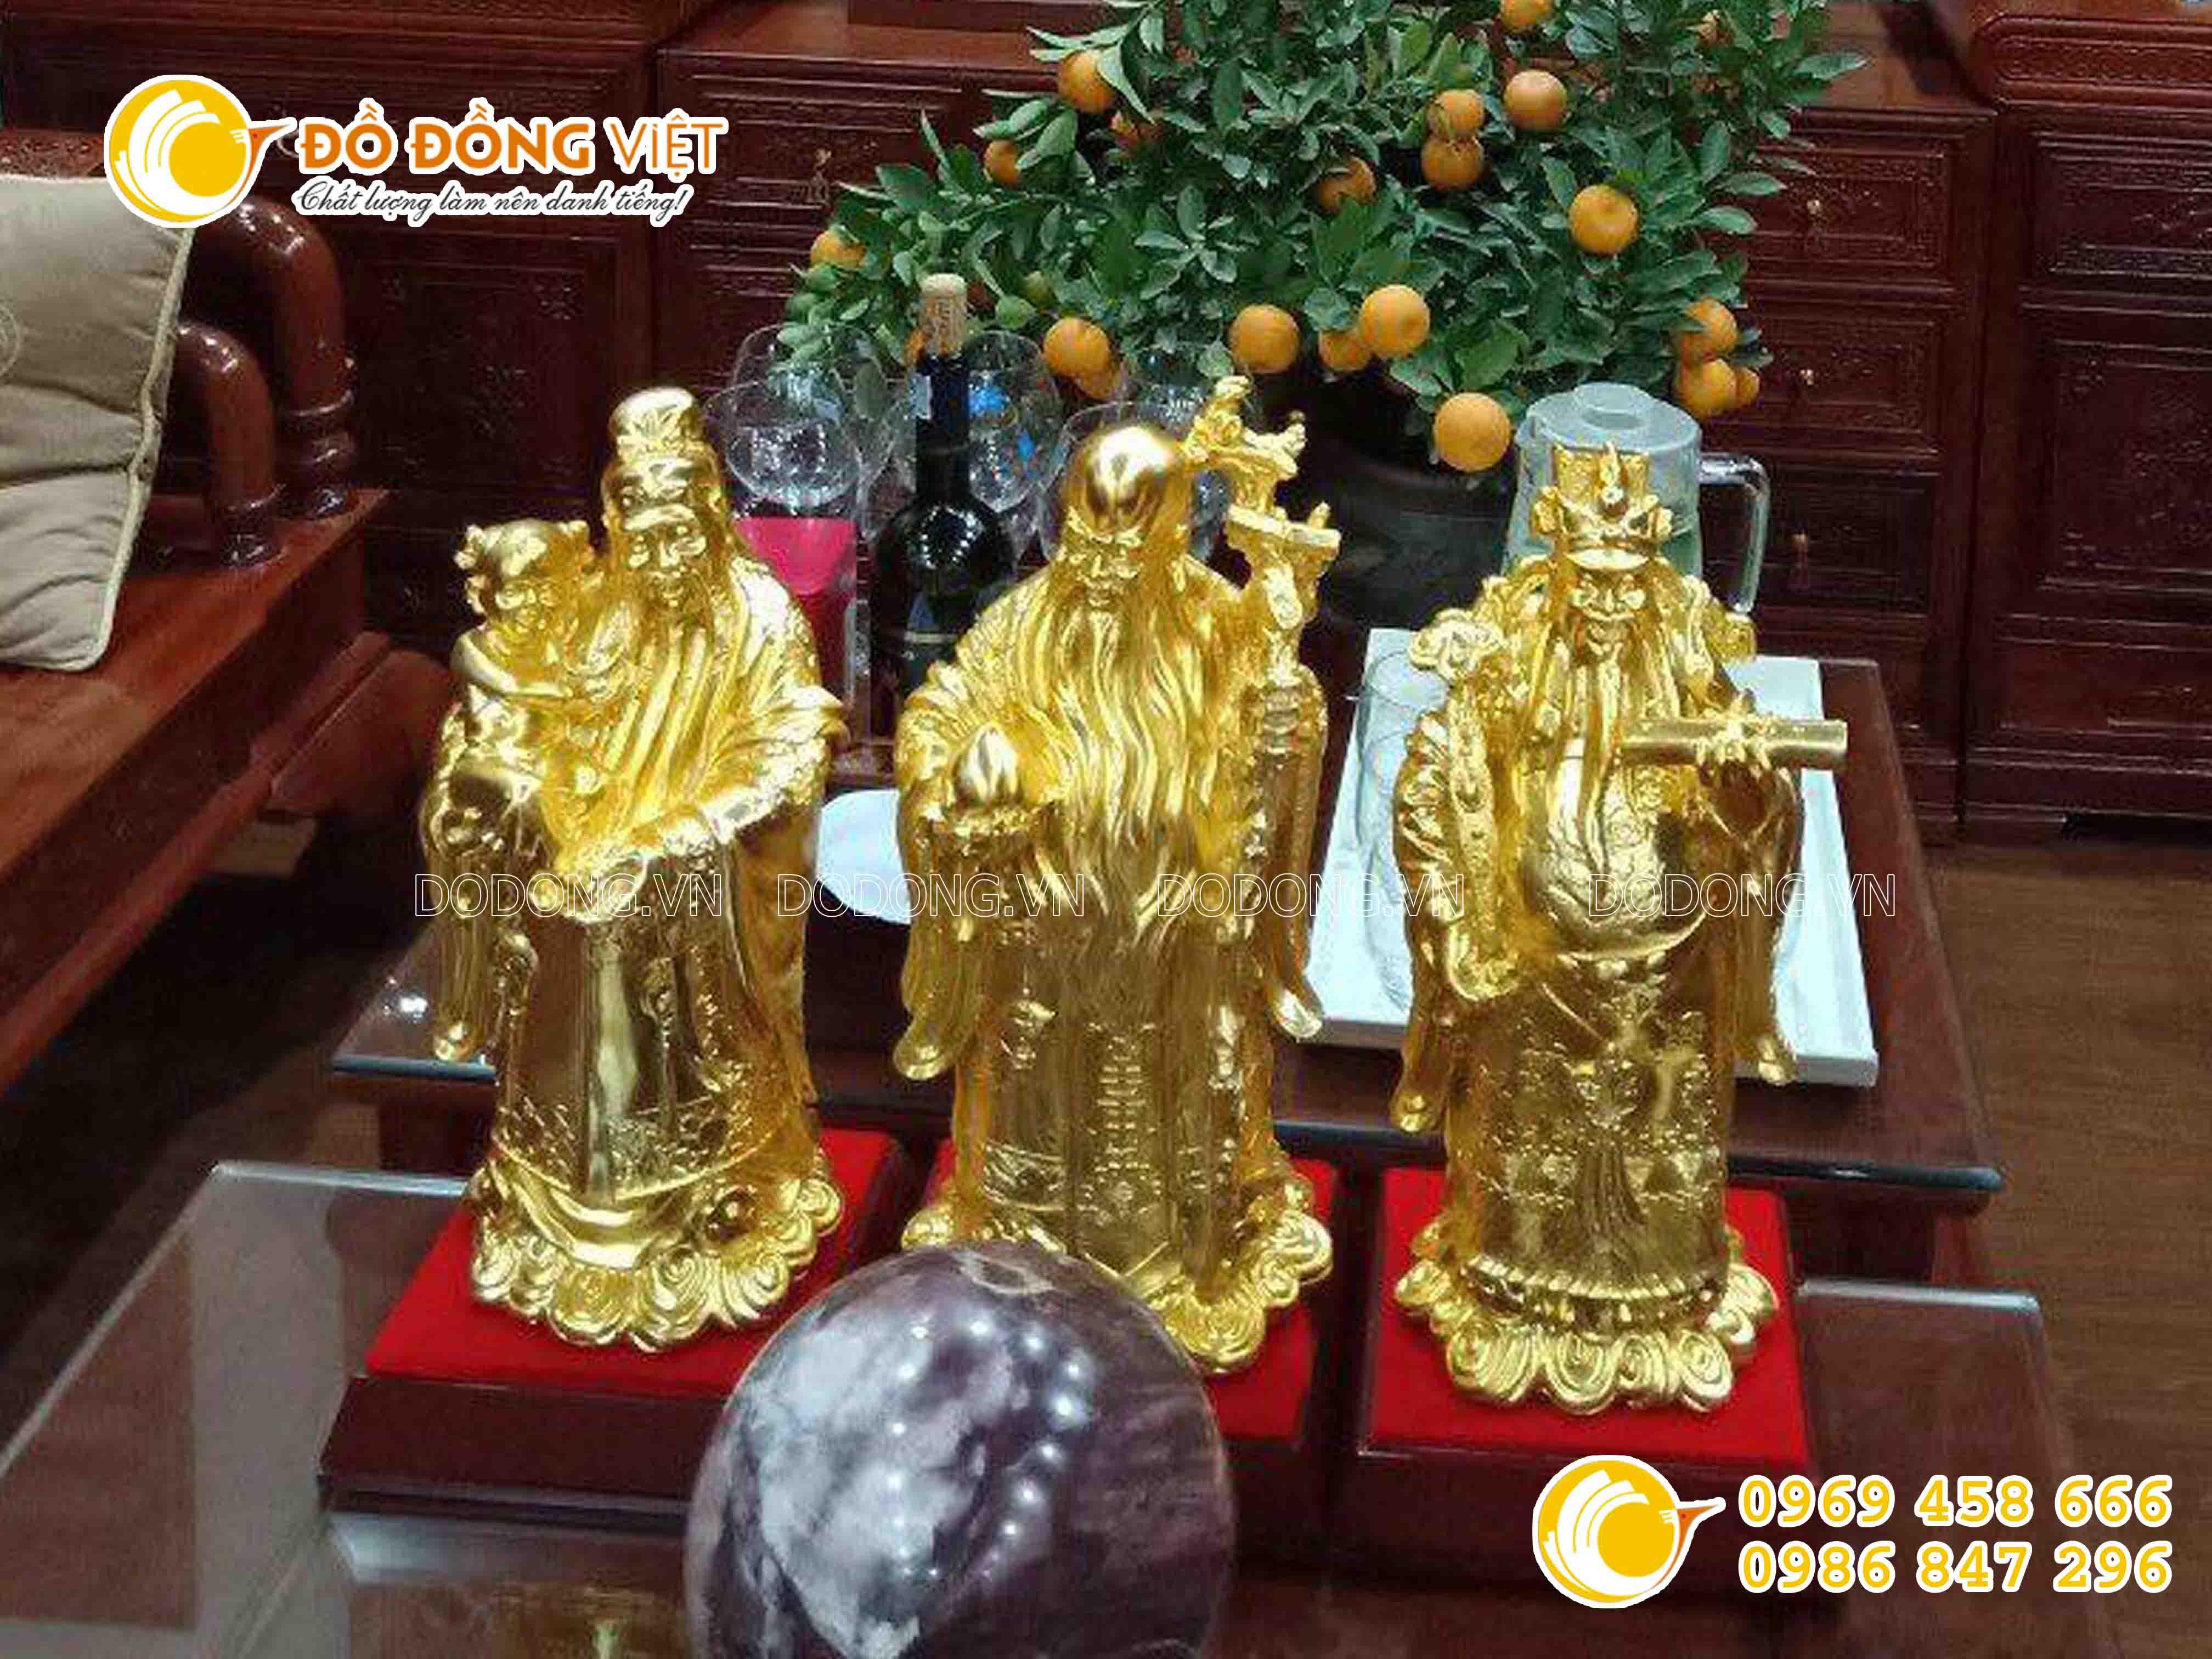 Bộ tượng tam đa dát vàng 38 cm0